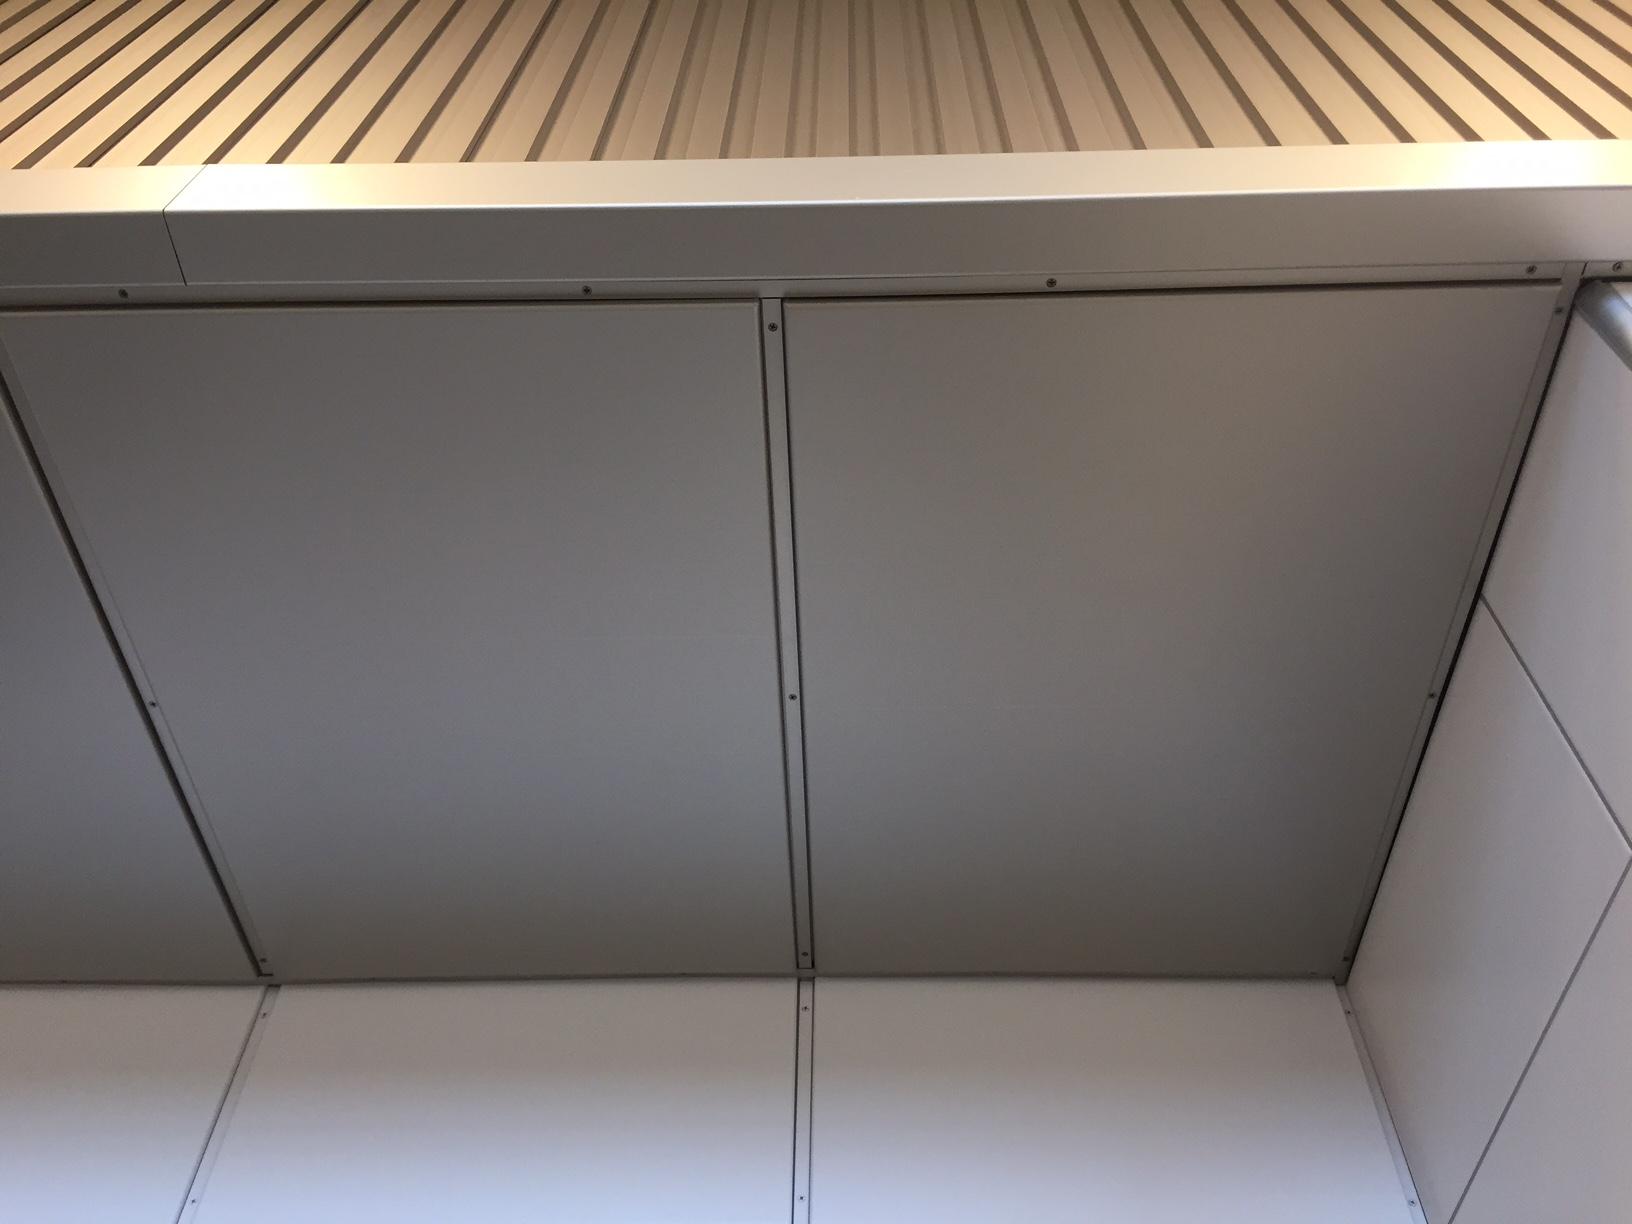 サンシティー立川昭和記念公園 天井照明パネル(4方) 天井・壁パネル・結露受け5